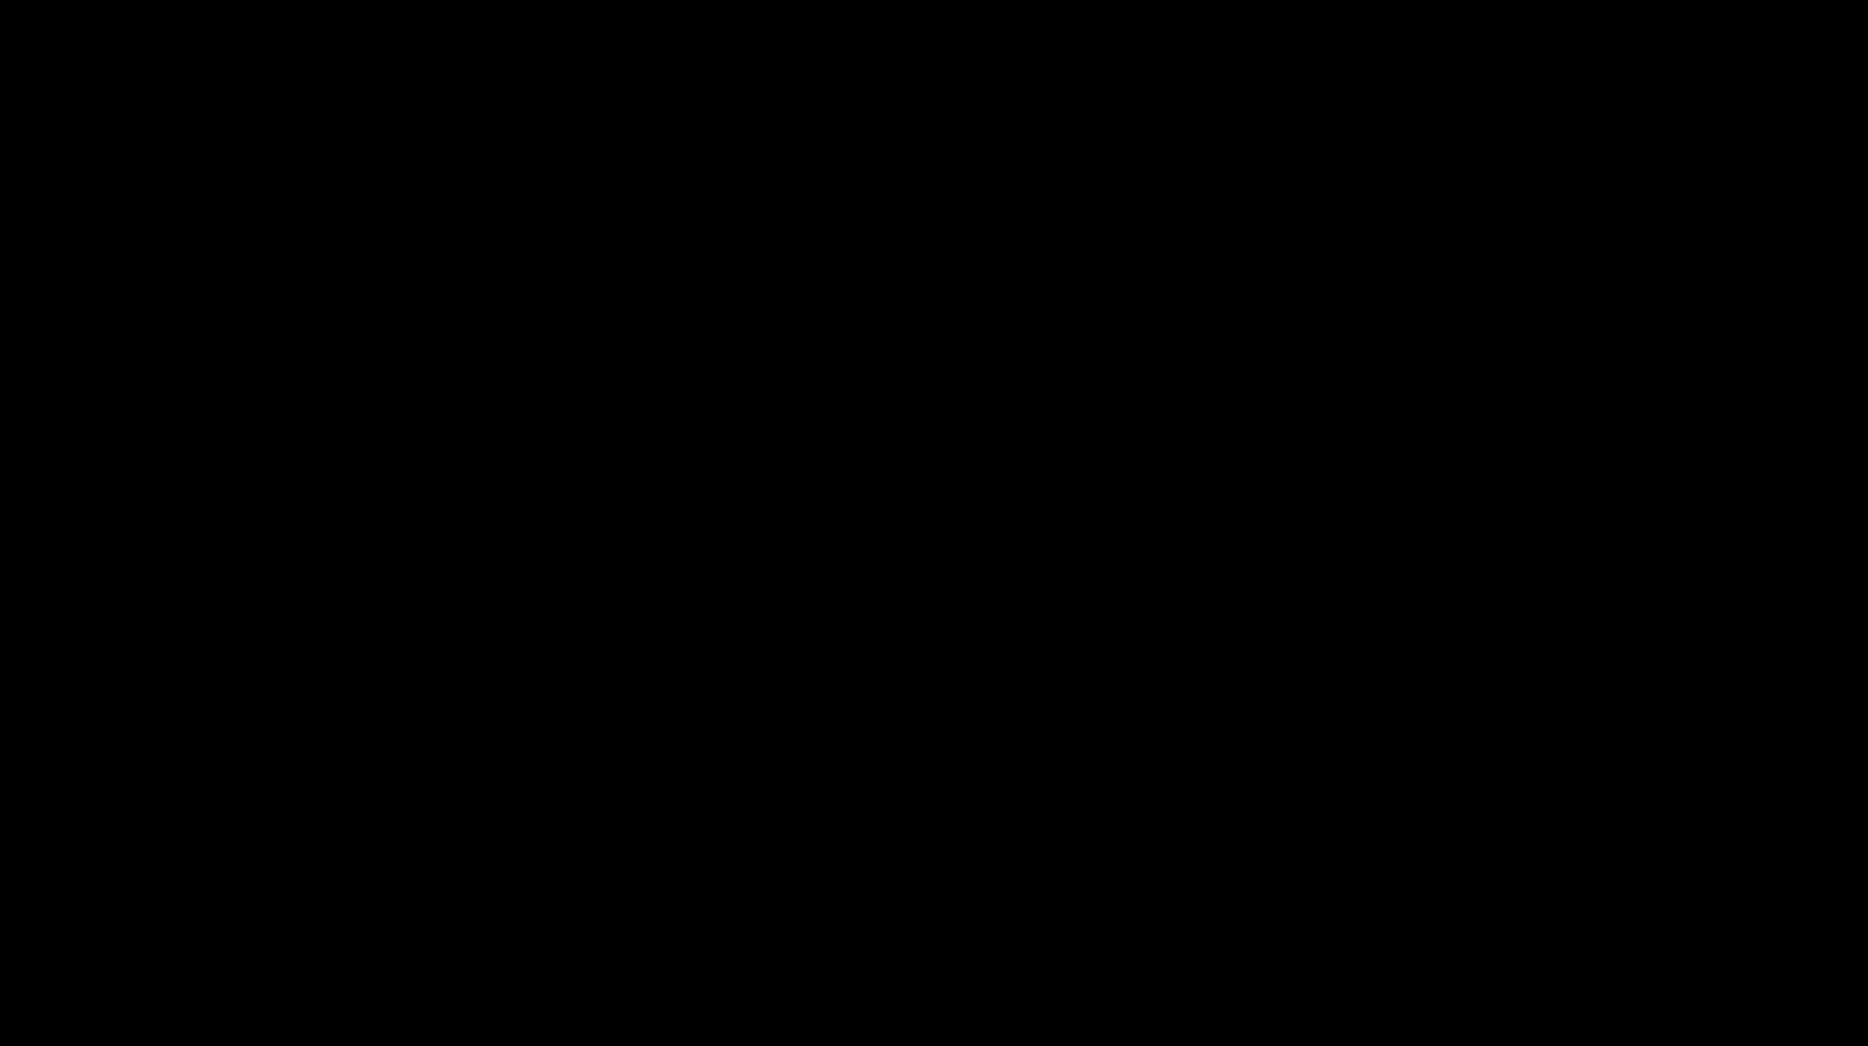 N-(p-Coumaroyl) serotonin-d<sub>4</sub>